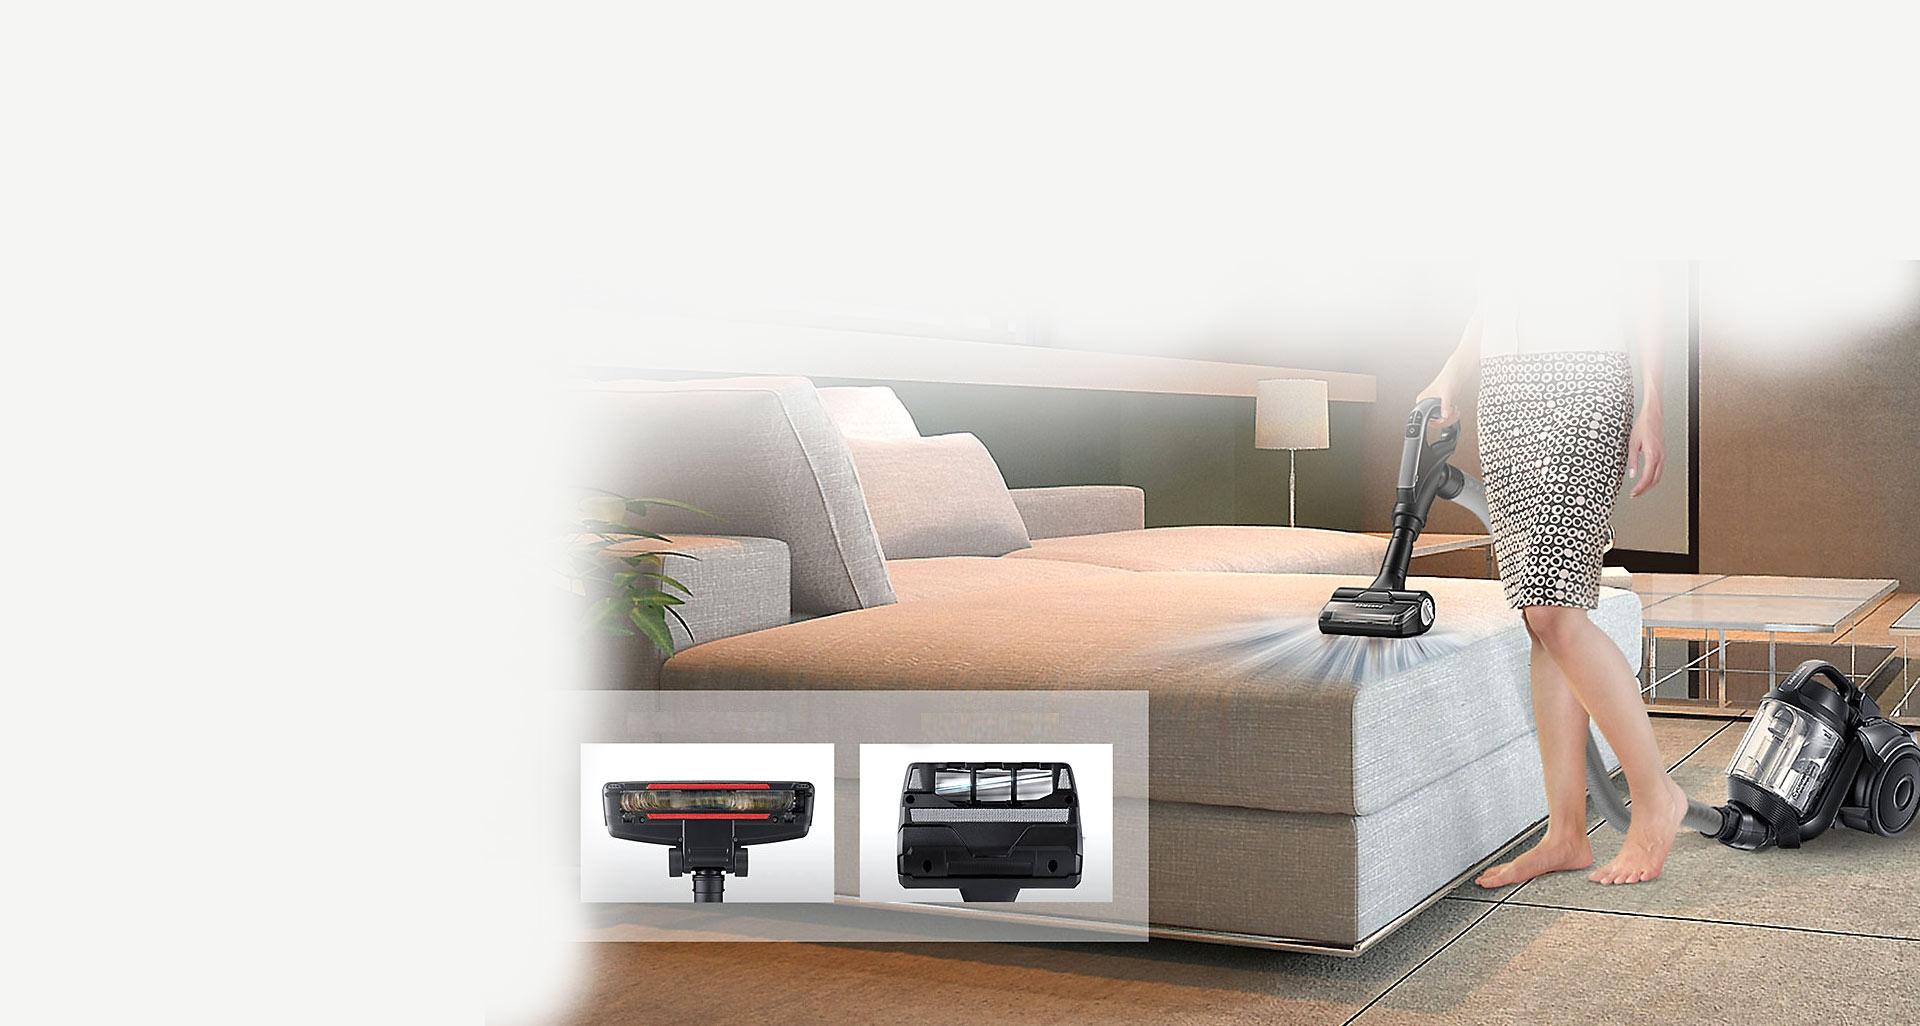 جاروبرقی سامسونگ مدل پرنس 3 با برس موگیر